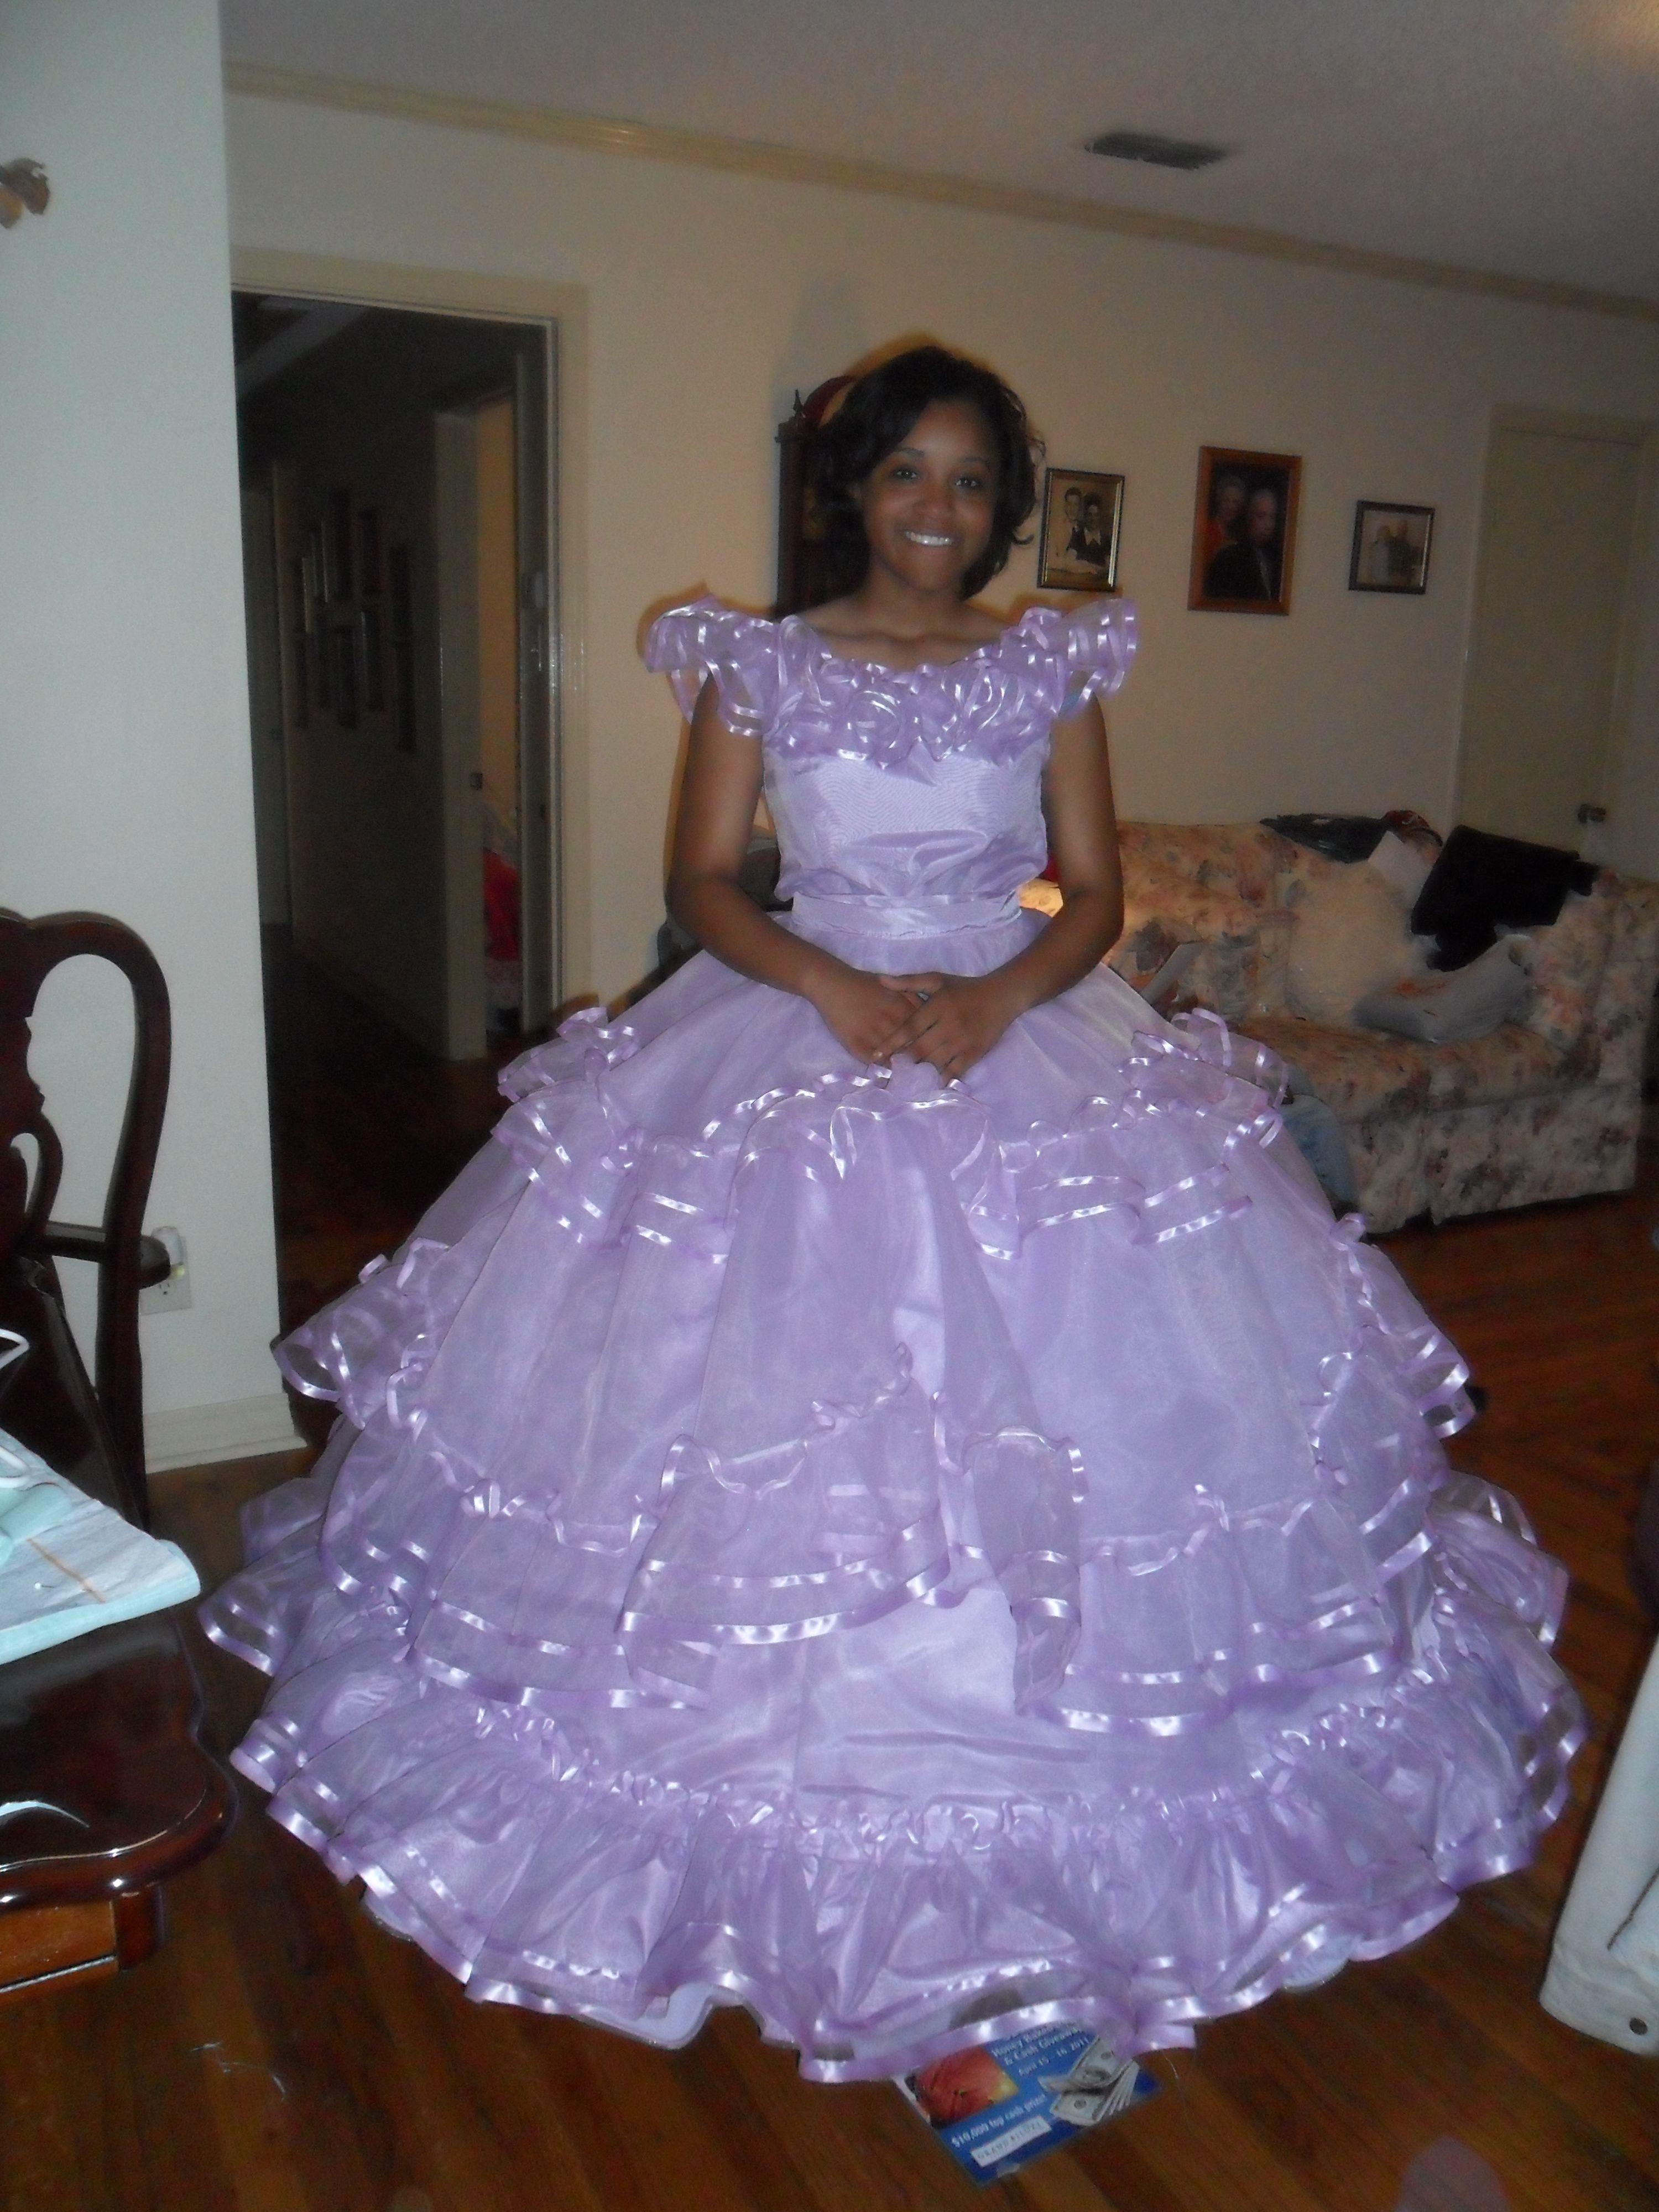 Azalea Trail dress in progress Dresses, Poofy skirt